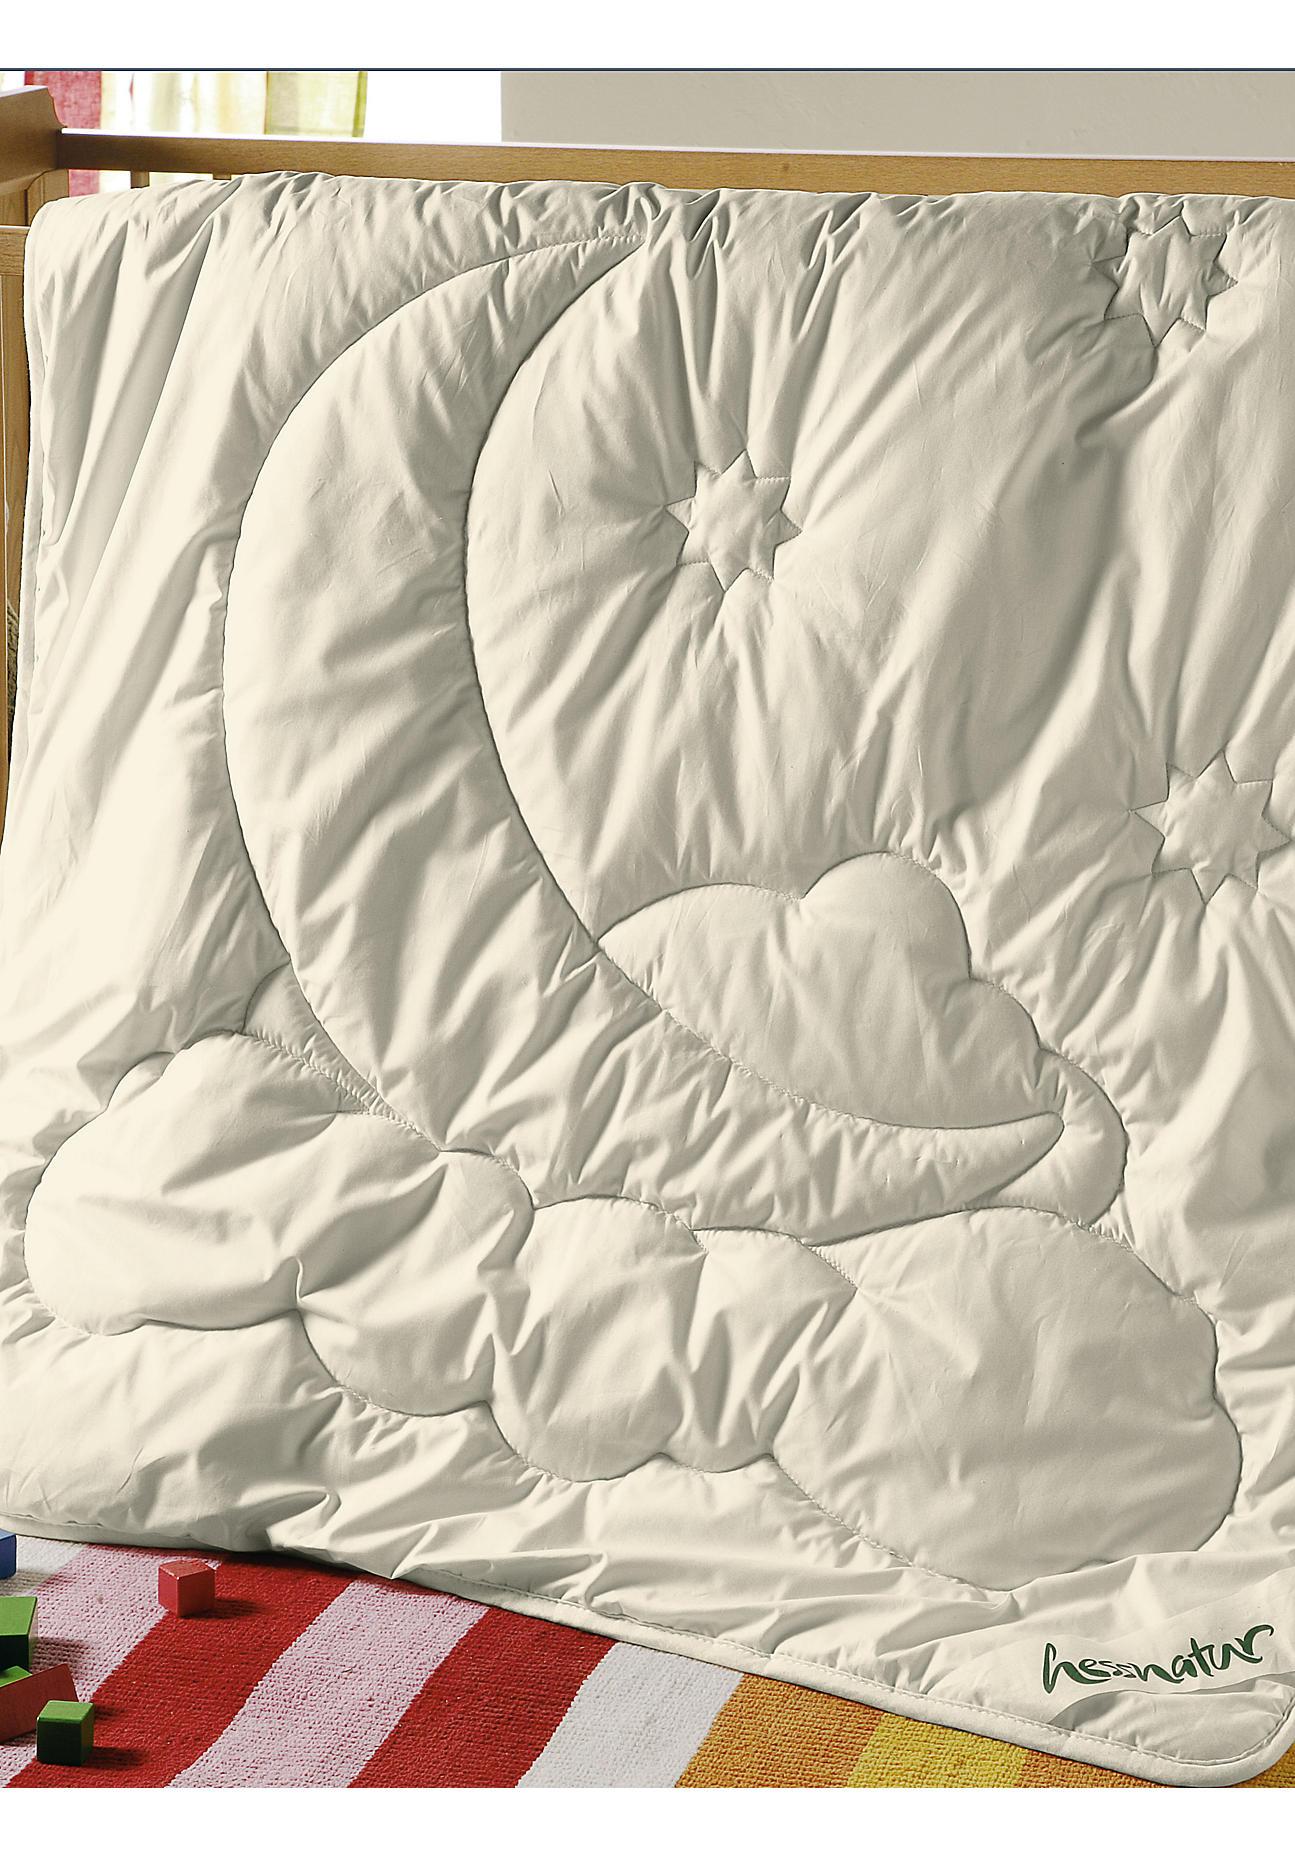 Image of hessnatur Baby Kinderdecke mit reiner Schurwolle – naturfarben – Größe 080x080 cm 300g